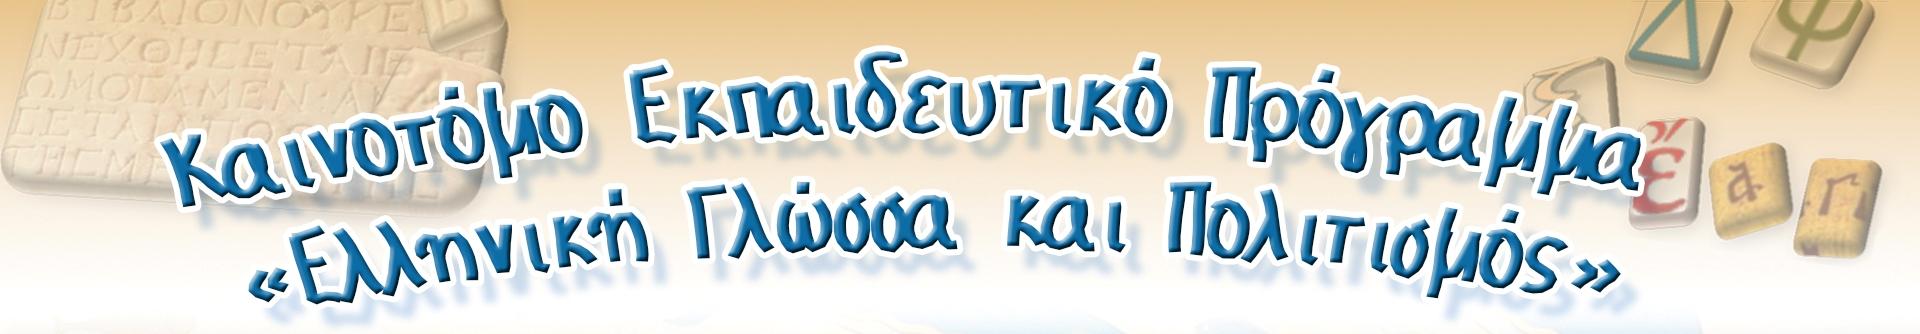 Καινοτόμο Εκπαιδευτικό Πρόγραμμα Ελληνική Γλώσσα και Πολιτισμός